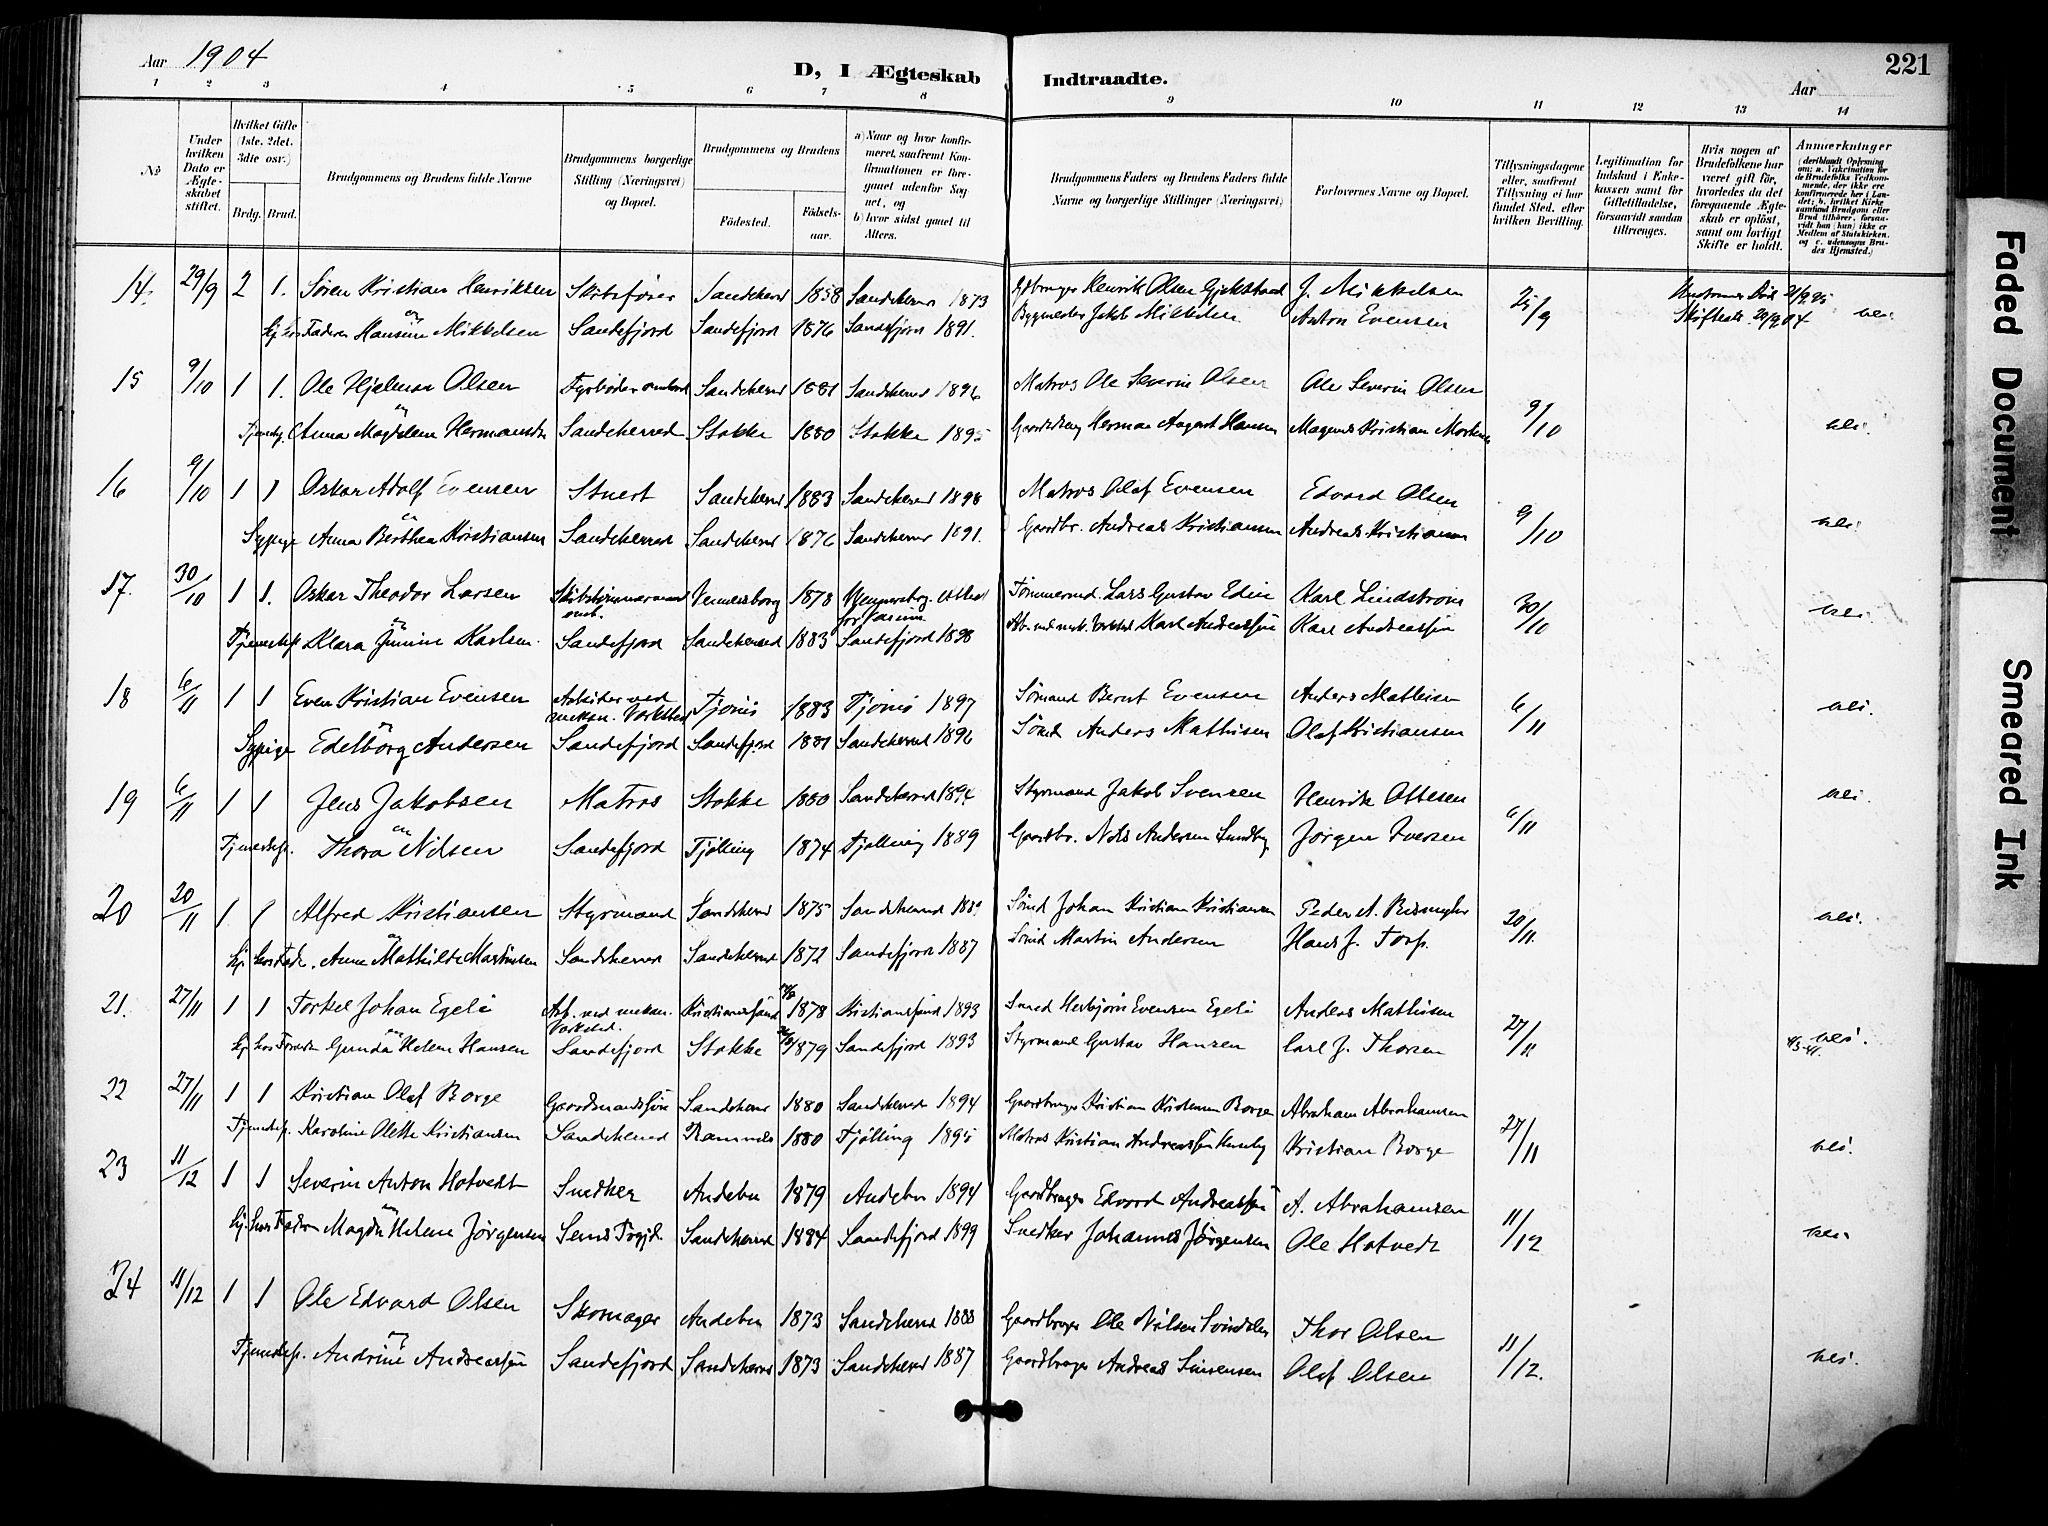 SAKO, Sandefjord kirkebøker, F/Fa/L0004: Ministerialbok nr. 4, 1894-1905, s. 221